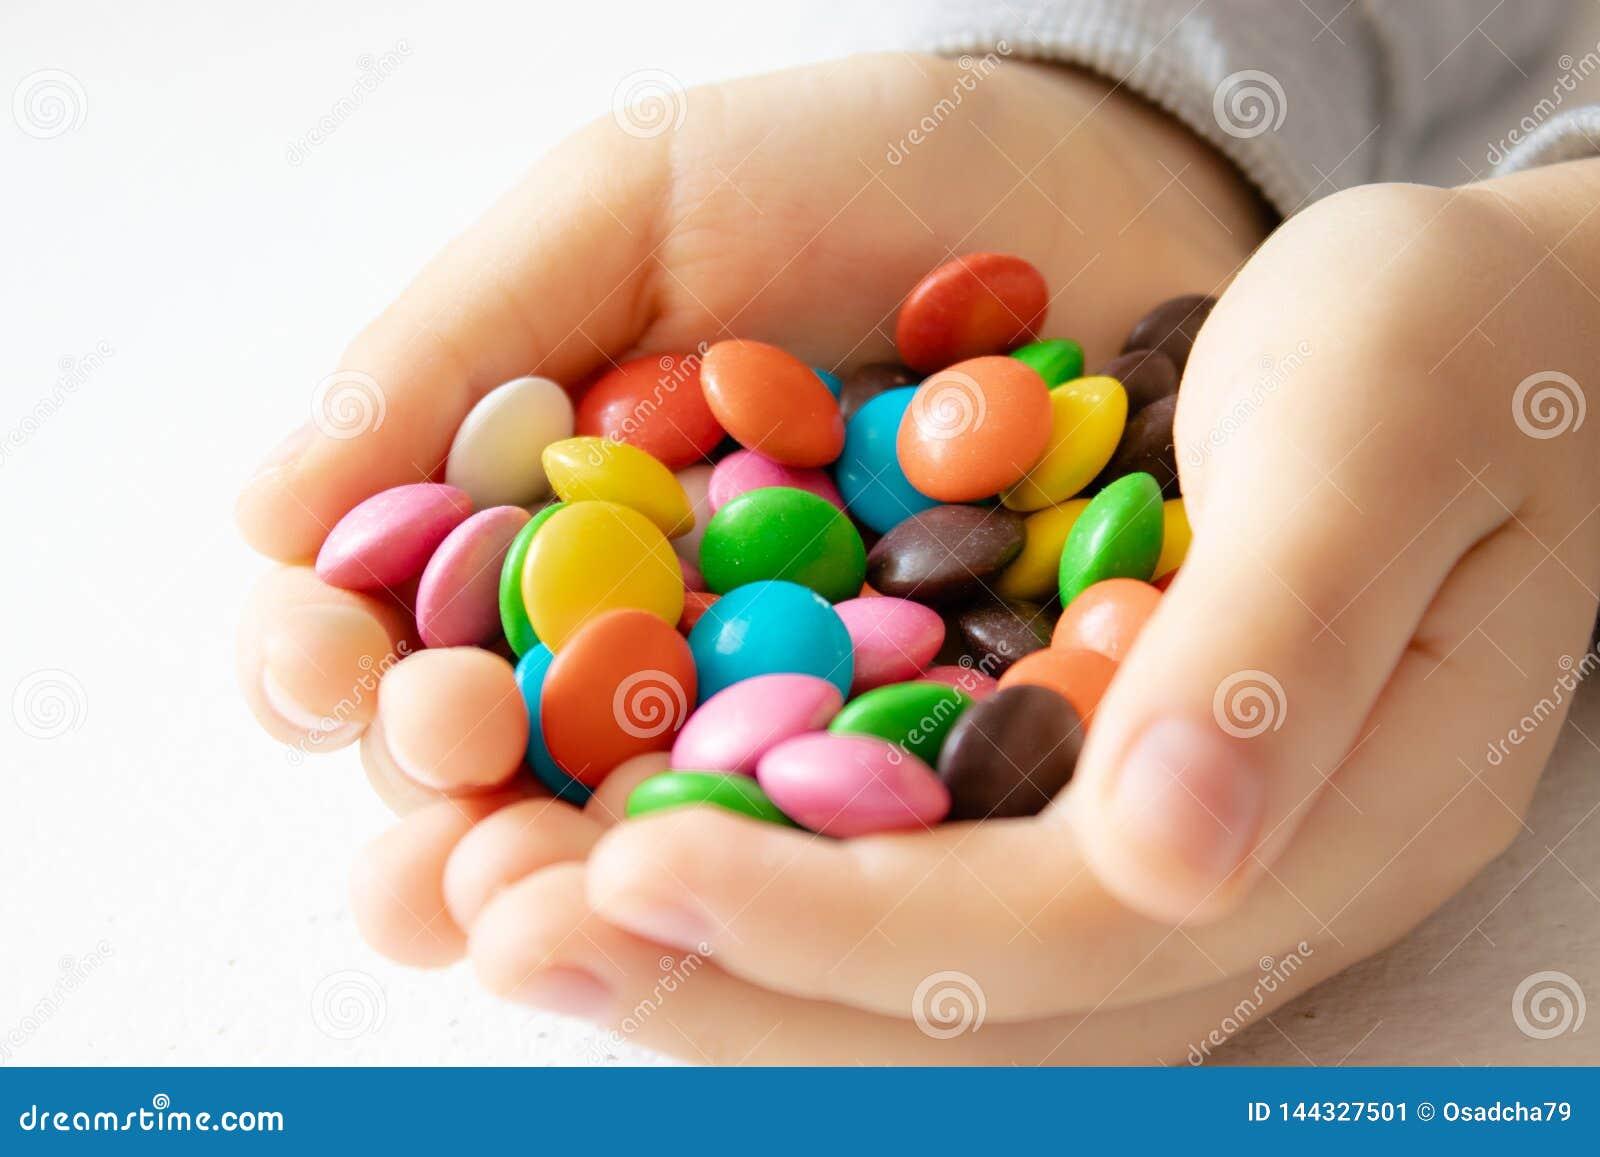 Redondo, multi-colorido, chocolates Uma pilha de doces multi-coloridos Uma criança guarda uns doces